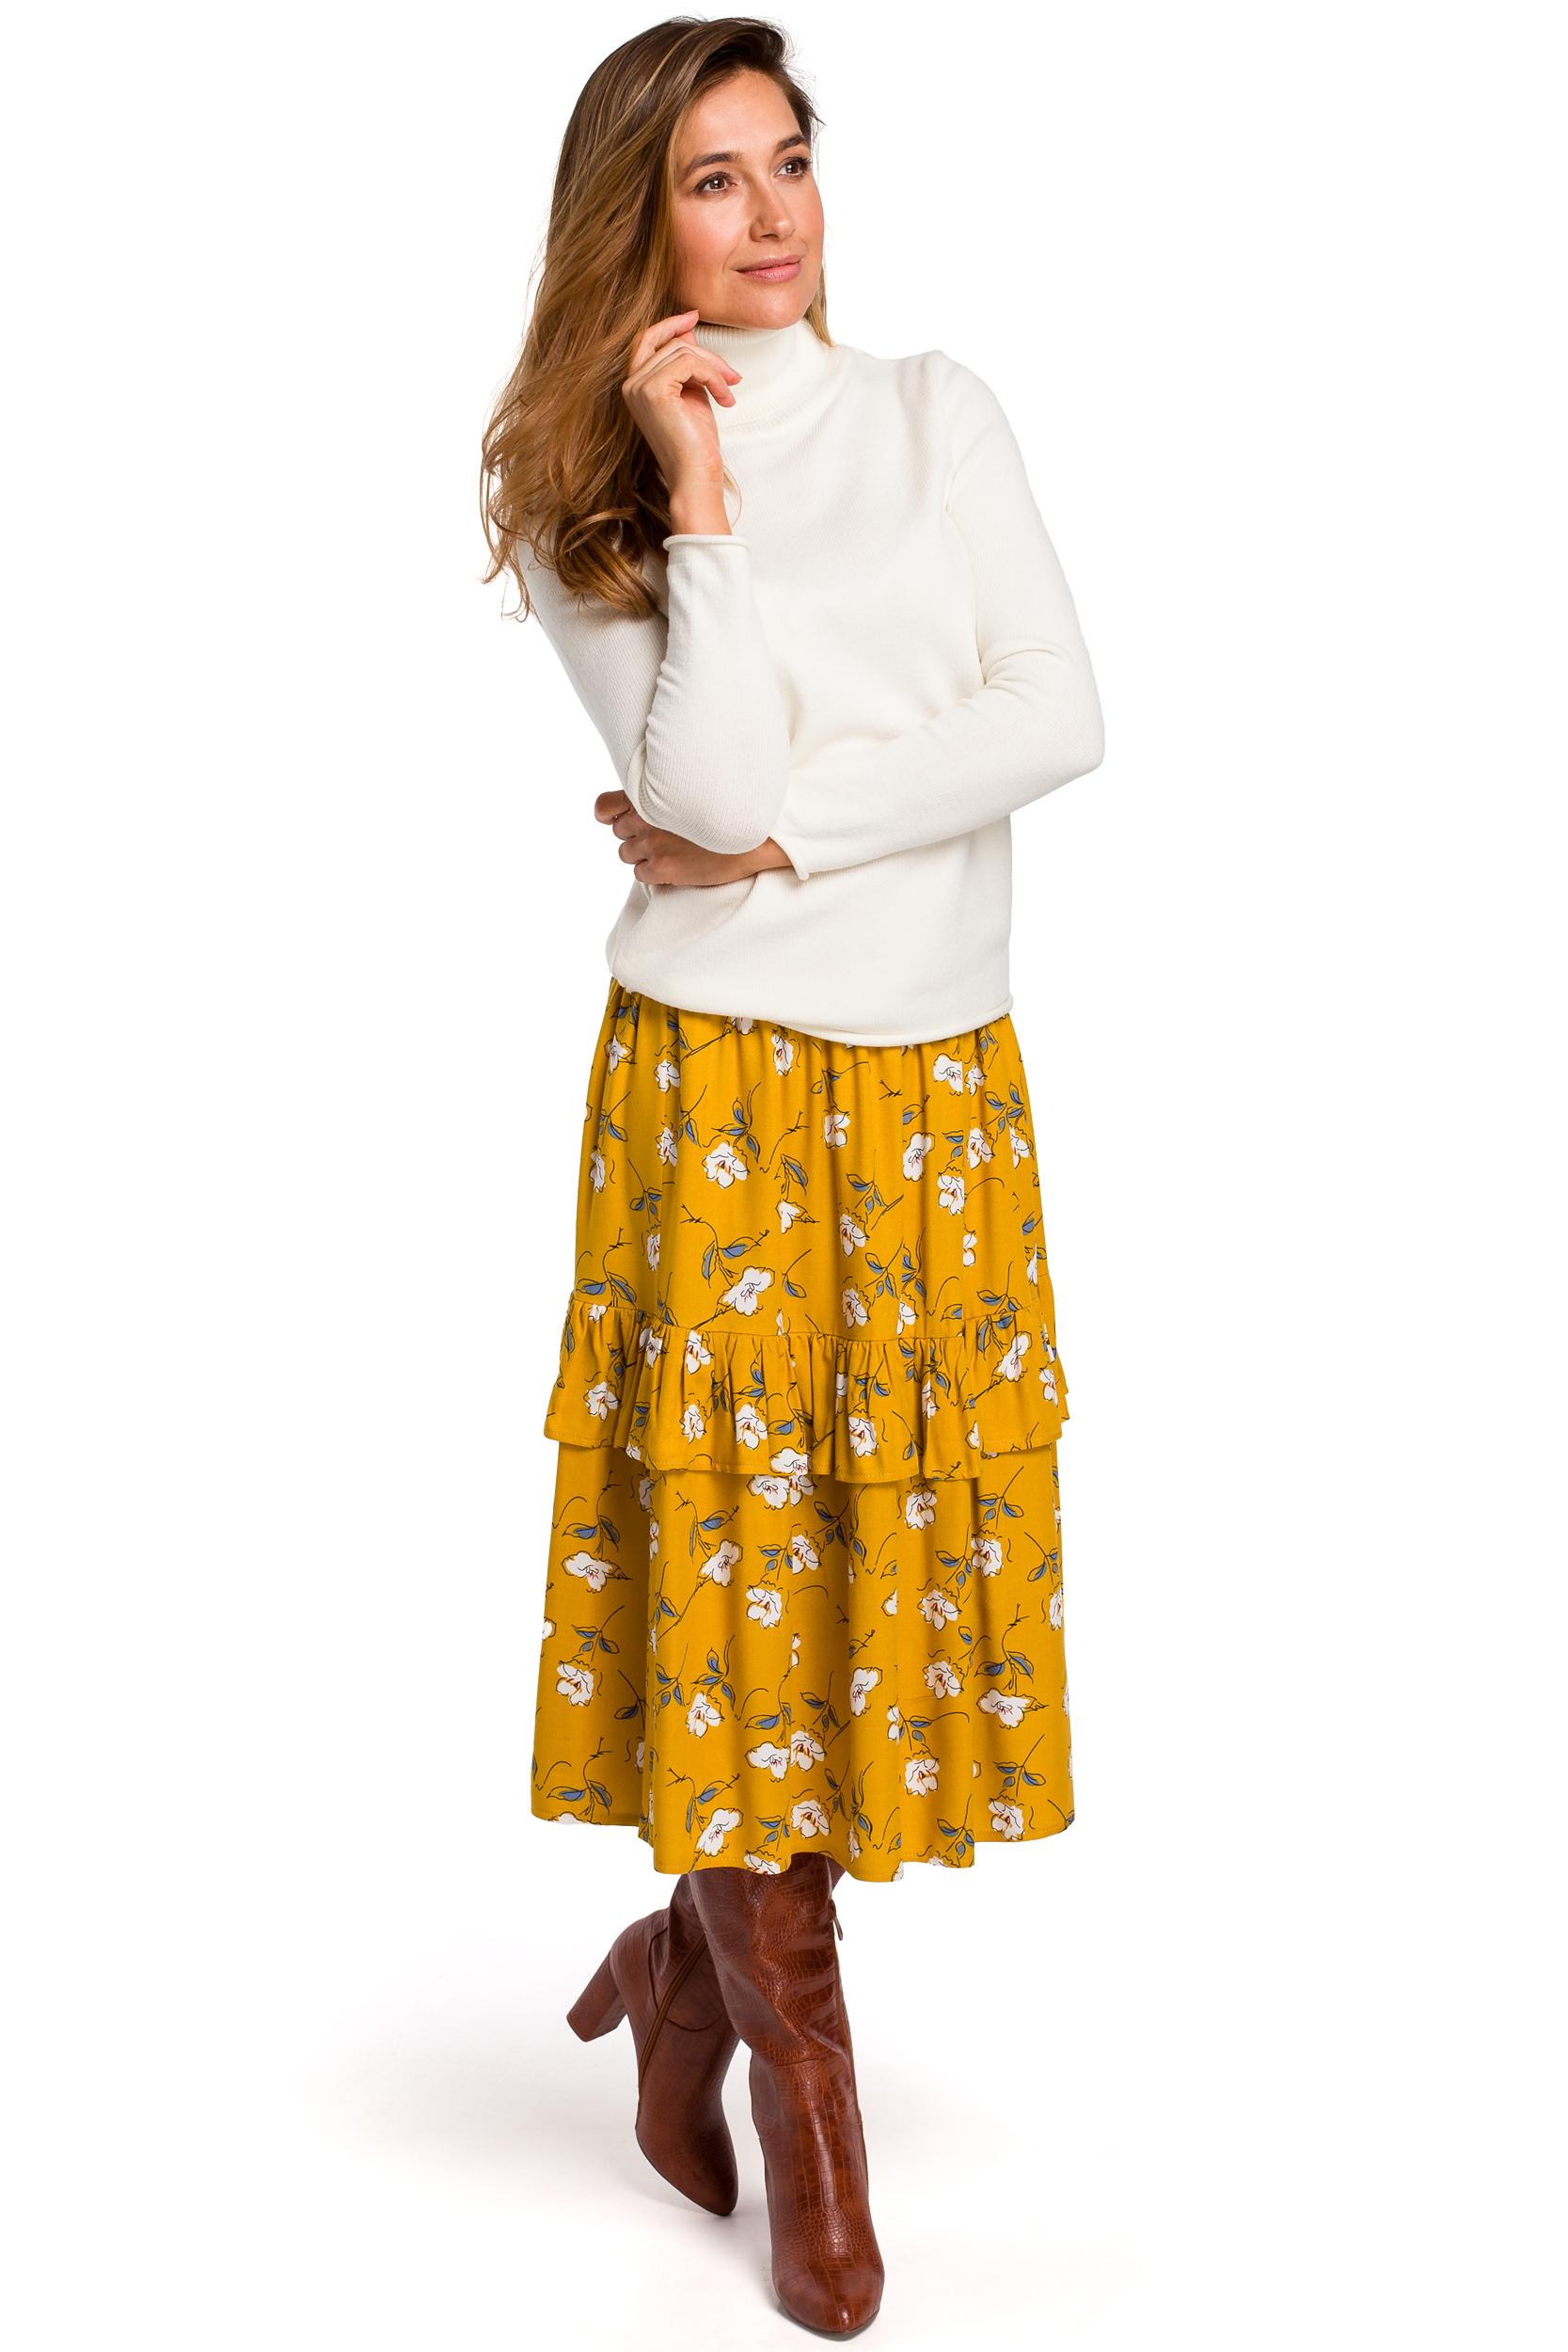 Blommig midi kjol Gul, Navy